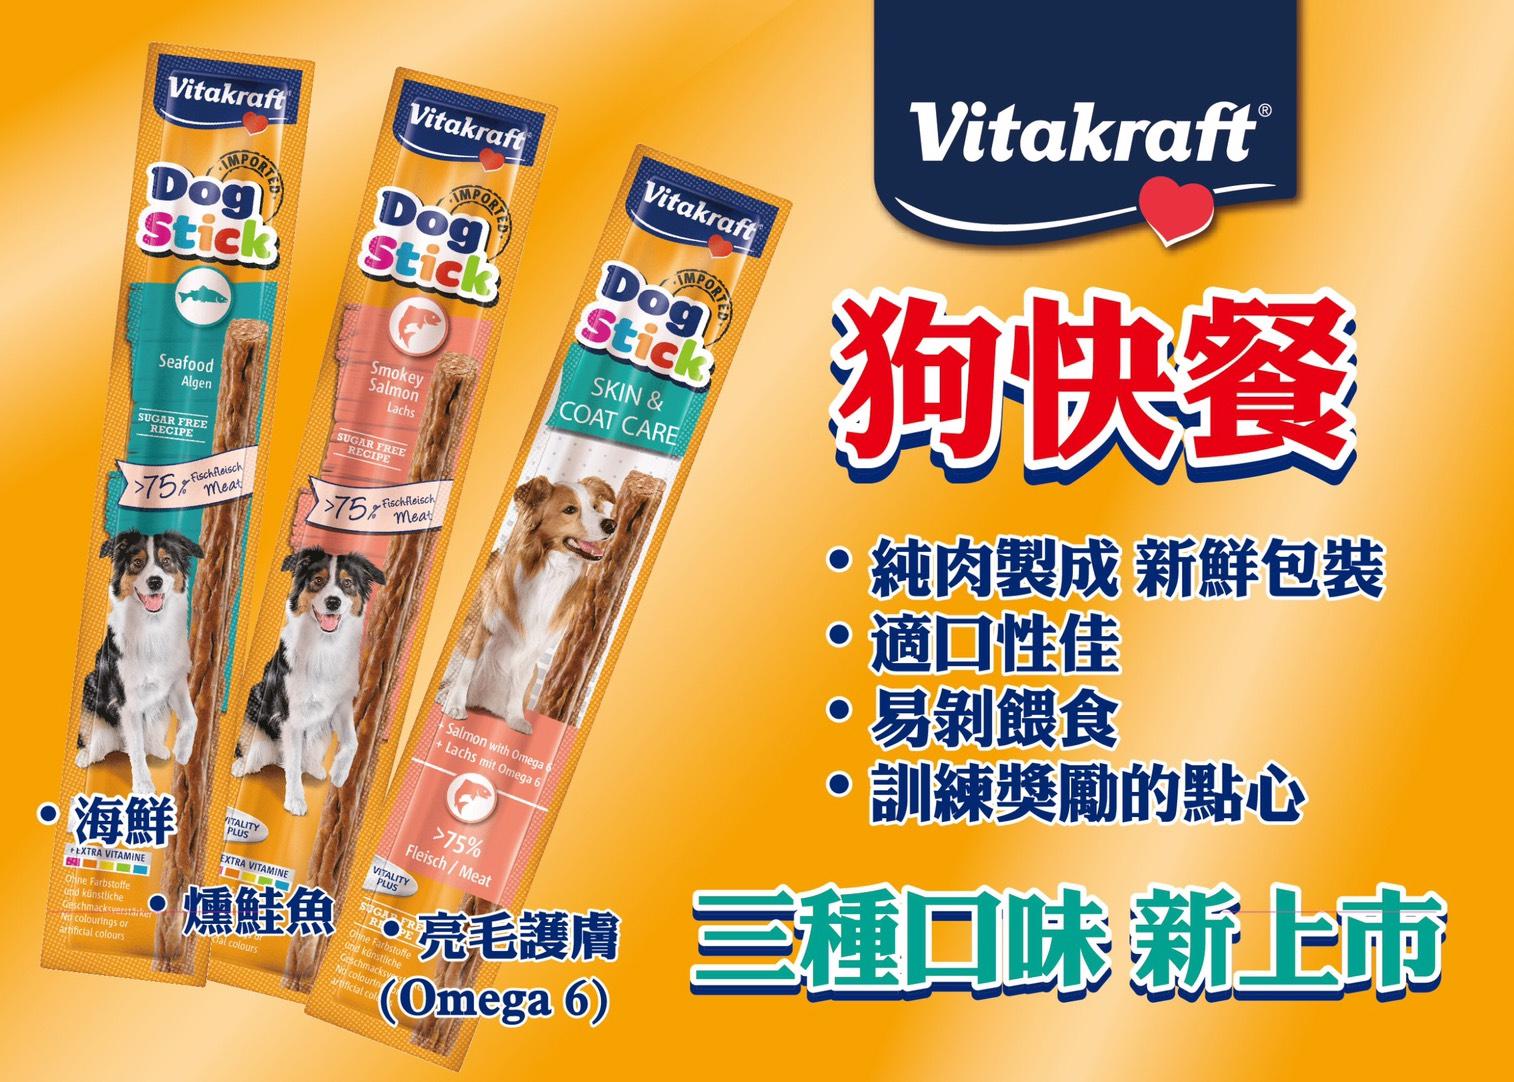 德國VITA Vitakraft 狗快餐三條入犬用肉條7條特價199元